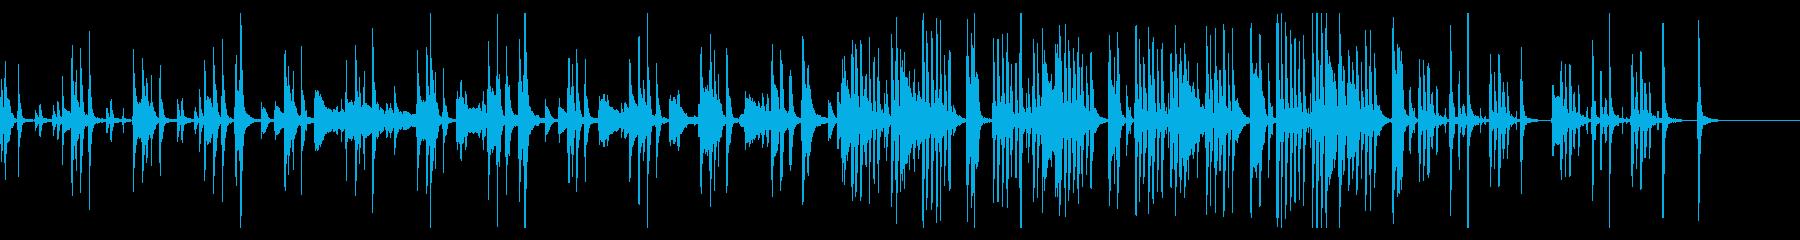 ゆったりしつつ間の抜けたおふざけBGMの再生済みの波形